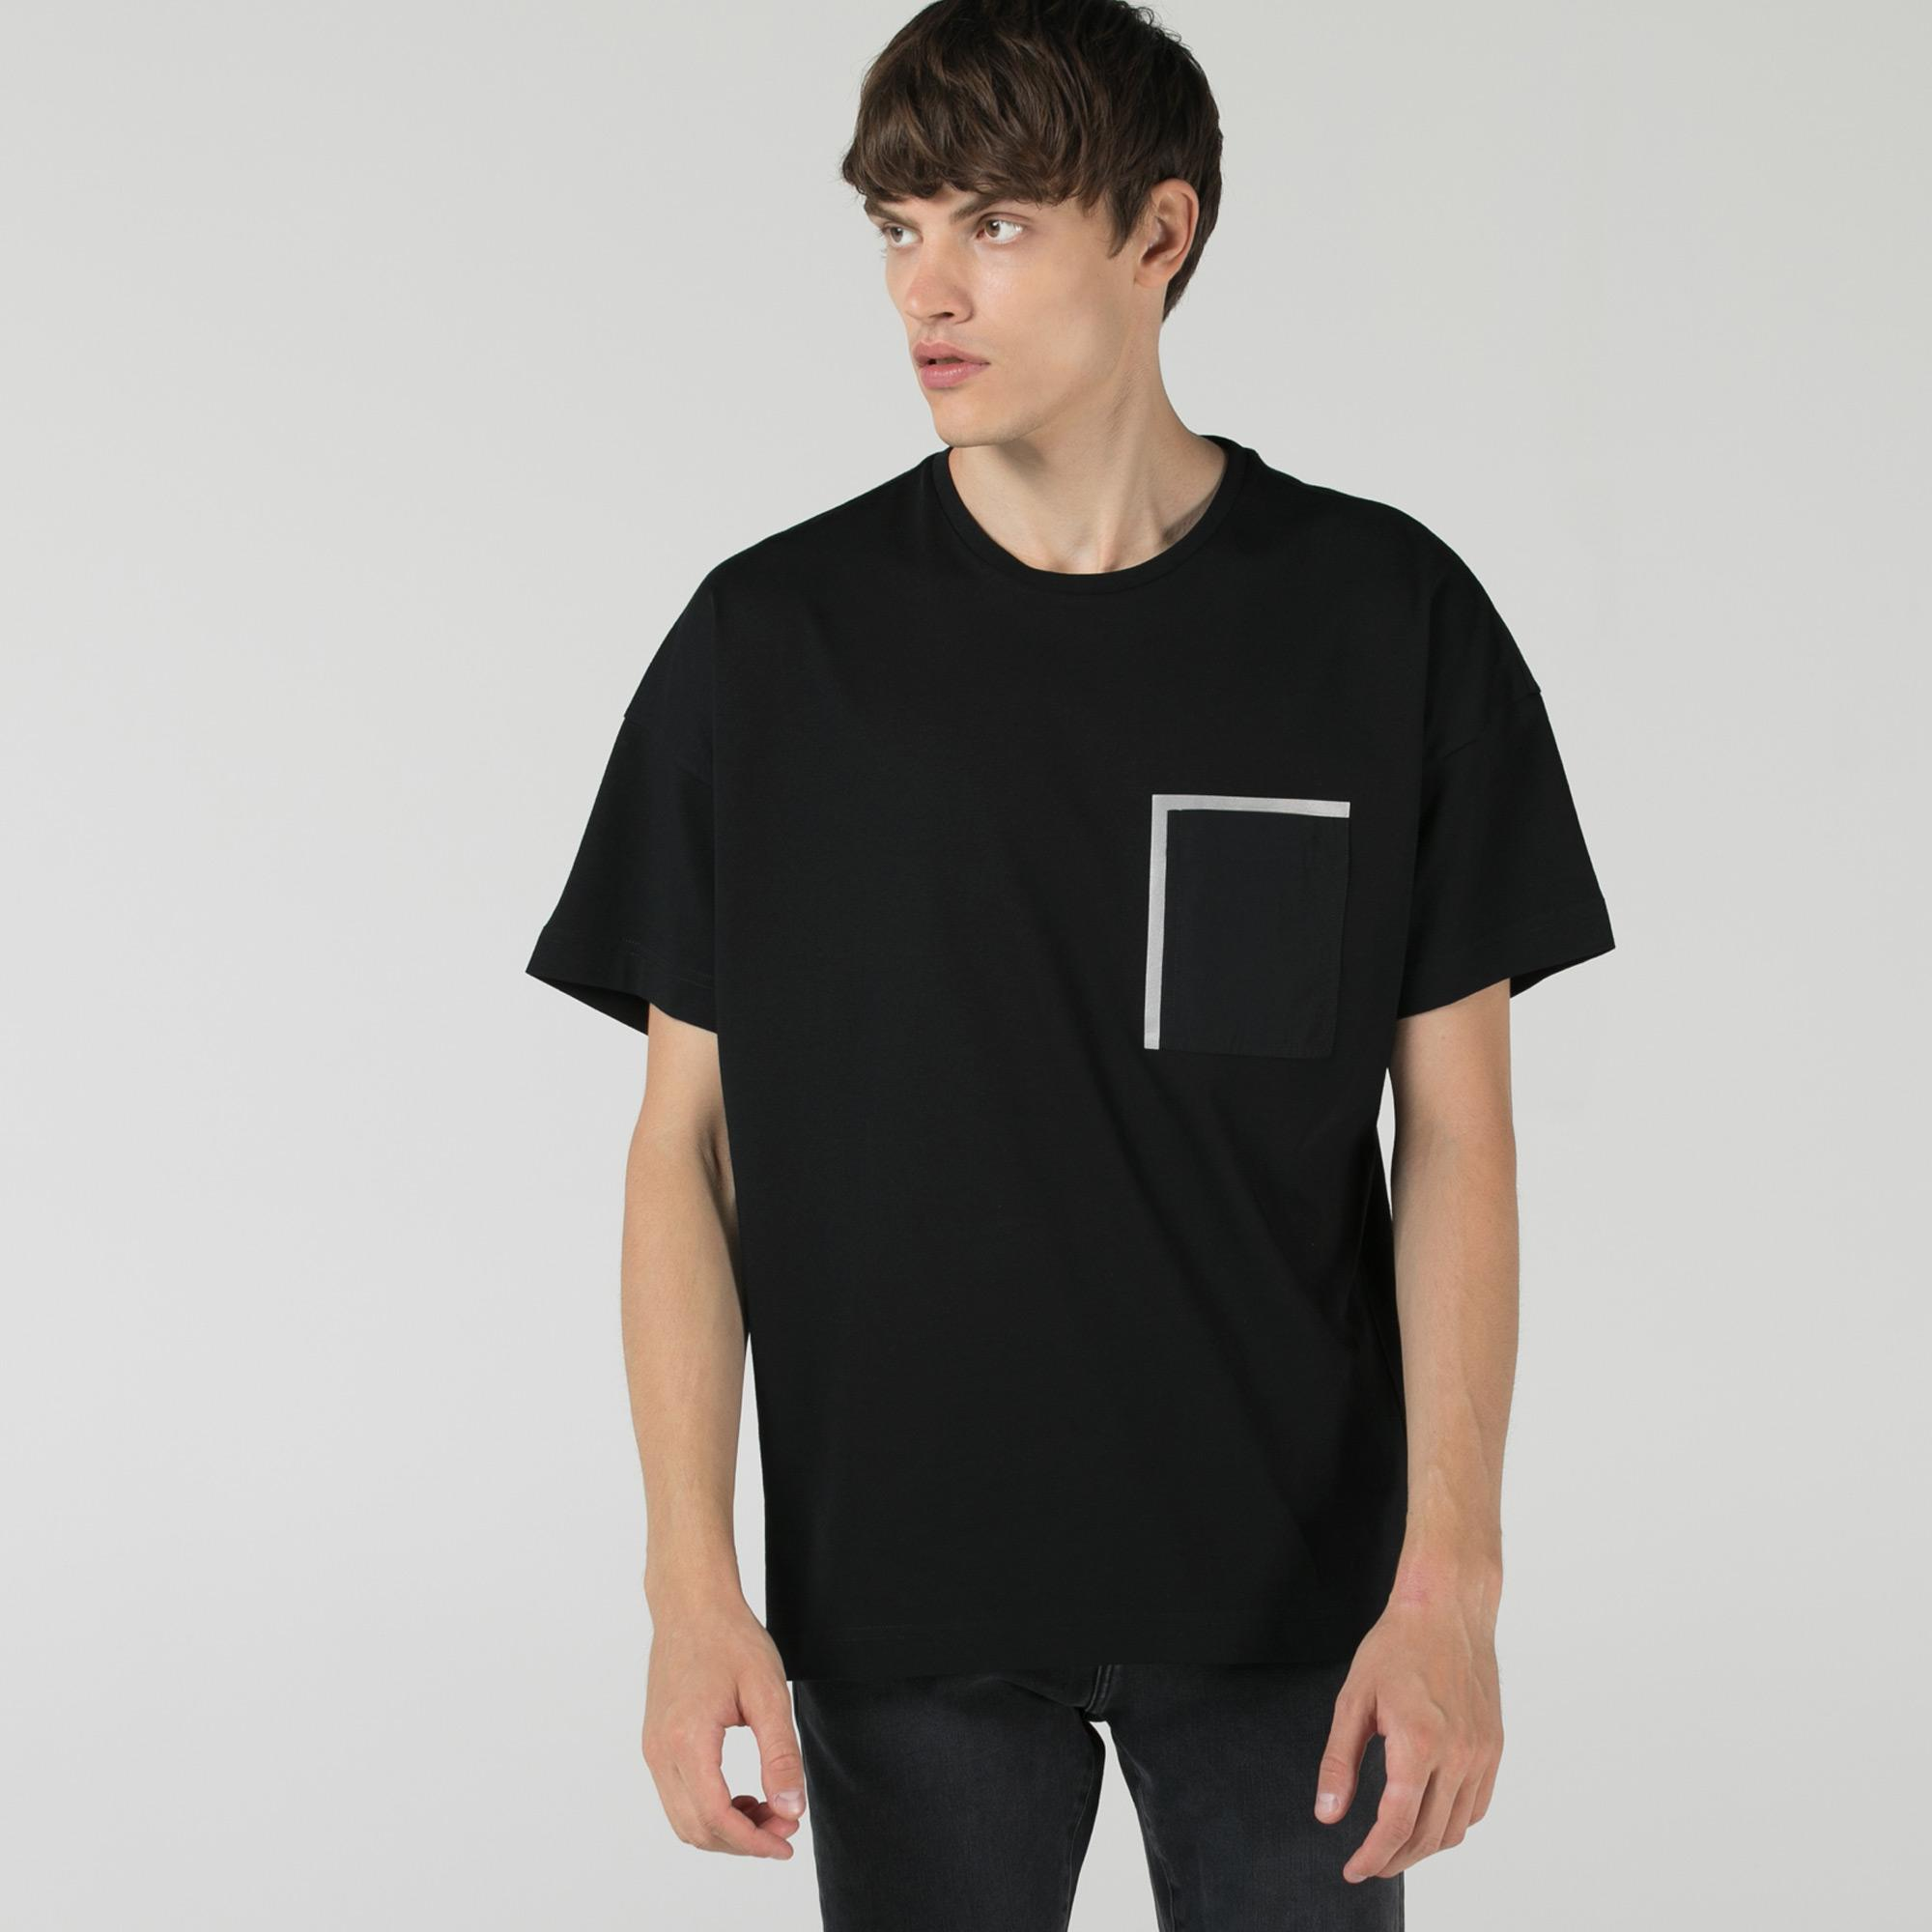 Lacoste Erkek Relaxed Fit Bisiklet Yaka Siyah T-Shirt